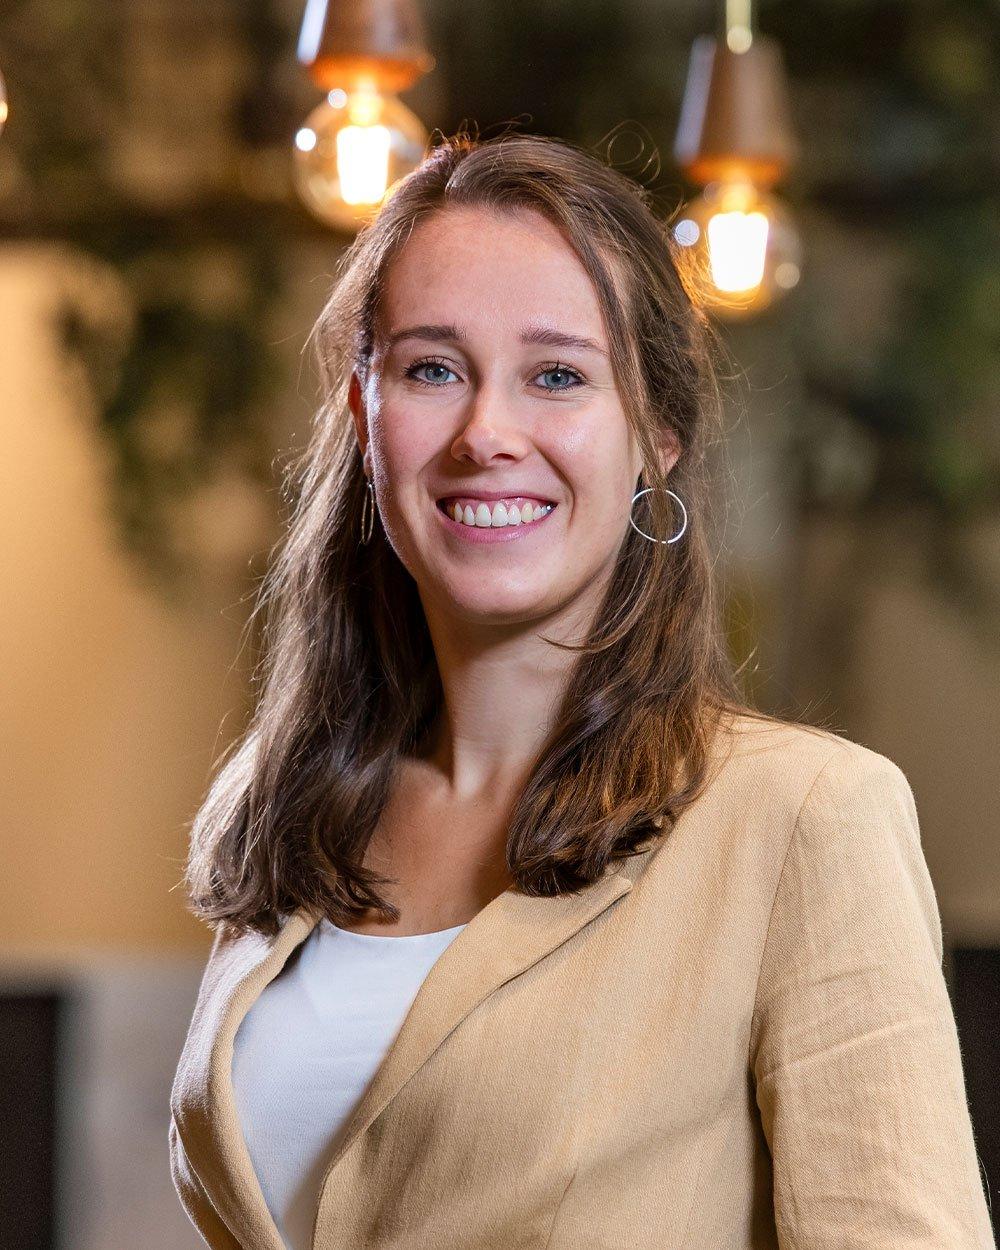 Elles van der Veen, Inbound marketeer bij Bright